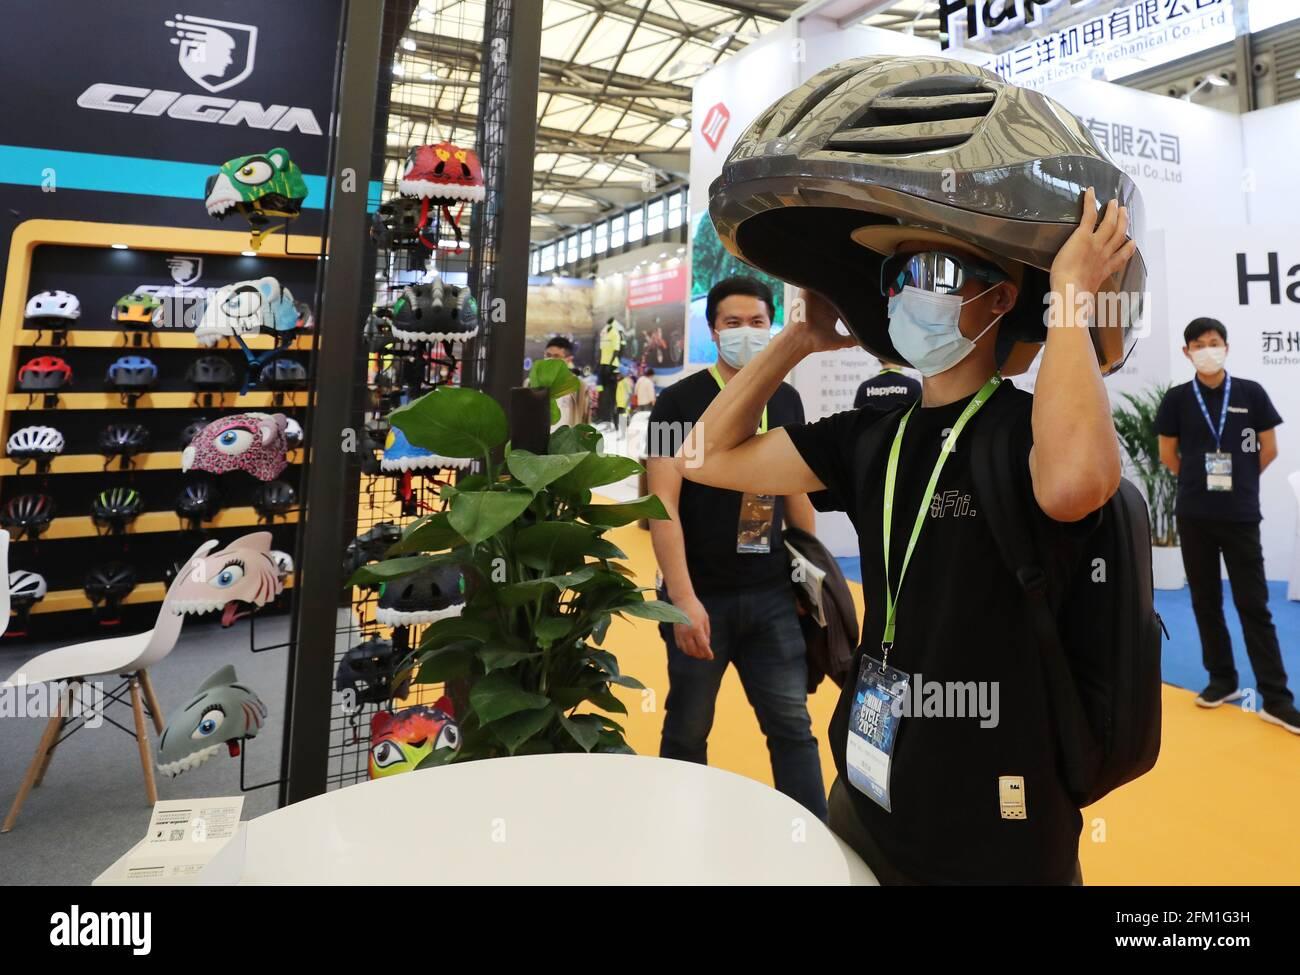 Shanghai. 5 mai 2021. Un visiteur tente un casque modèle grand lors de la 30e China International Bicycle Fair dans l'est de la Chine Shanghai, le 5 mai 2021. L'événement de quatre jours a débuté mercredi, attirant plus de 1,000 entreprises à y participer. Credit: Fang Zhe/Xinhua/Alay Live News Banque D'Images